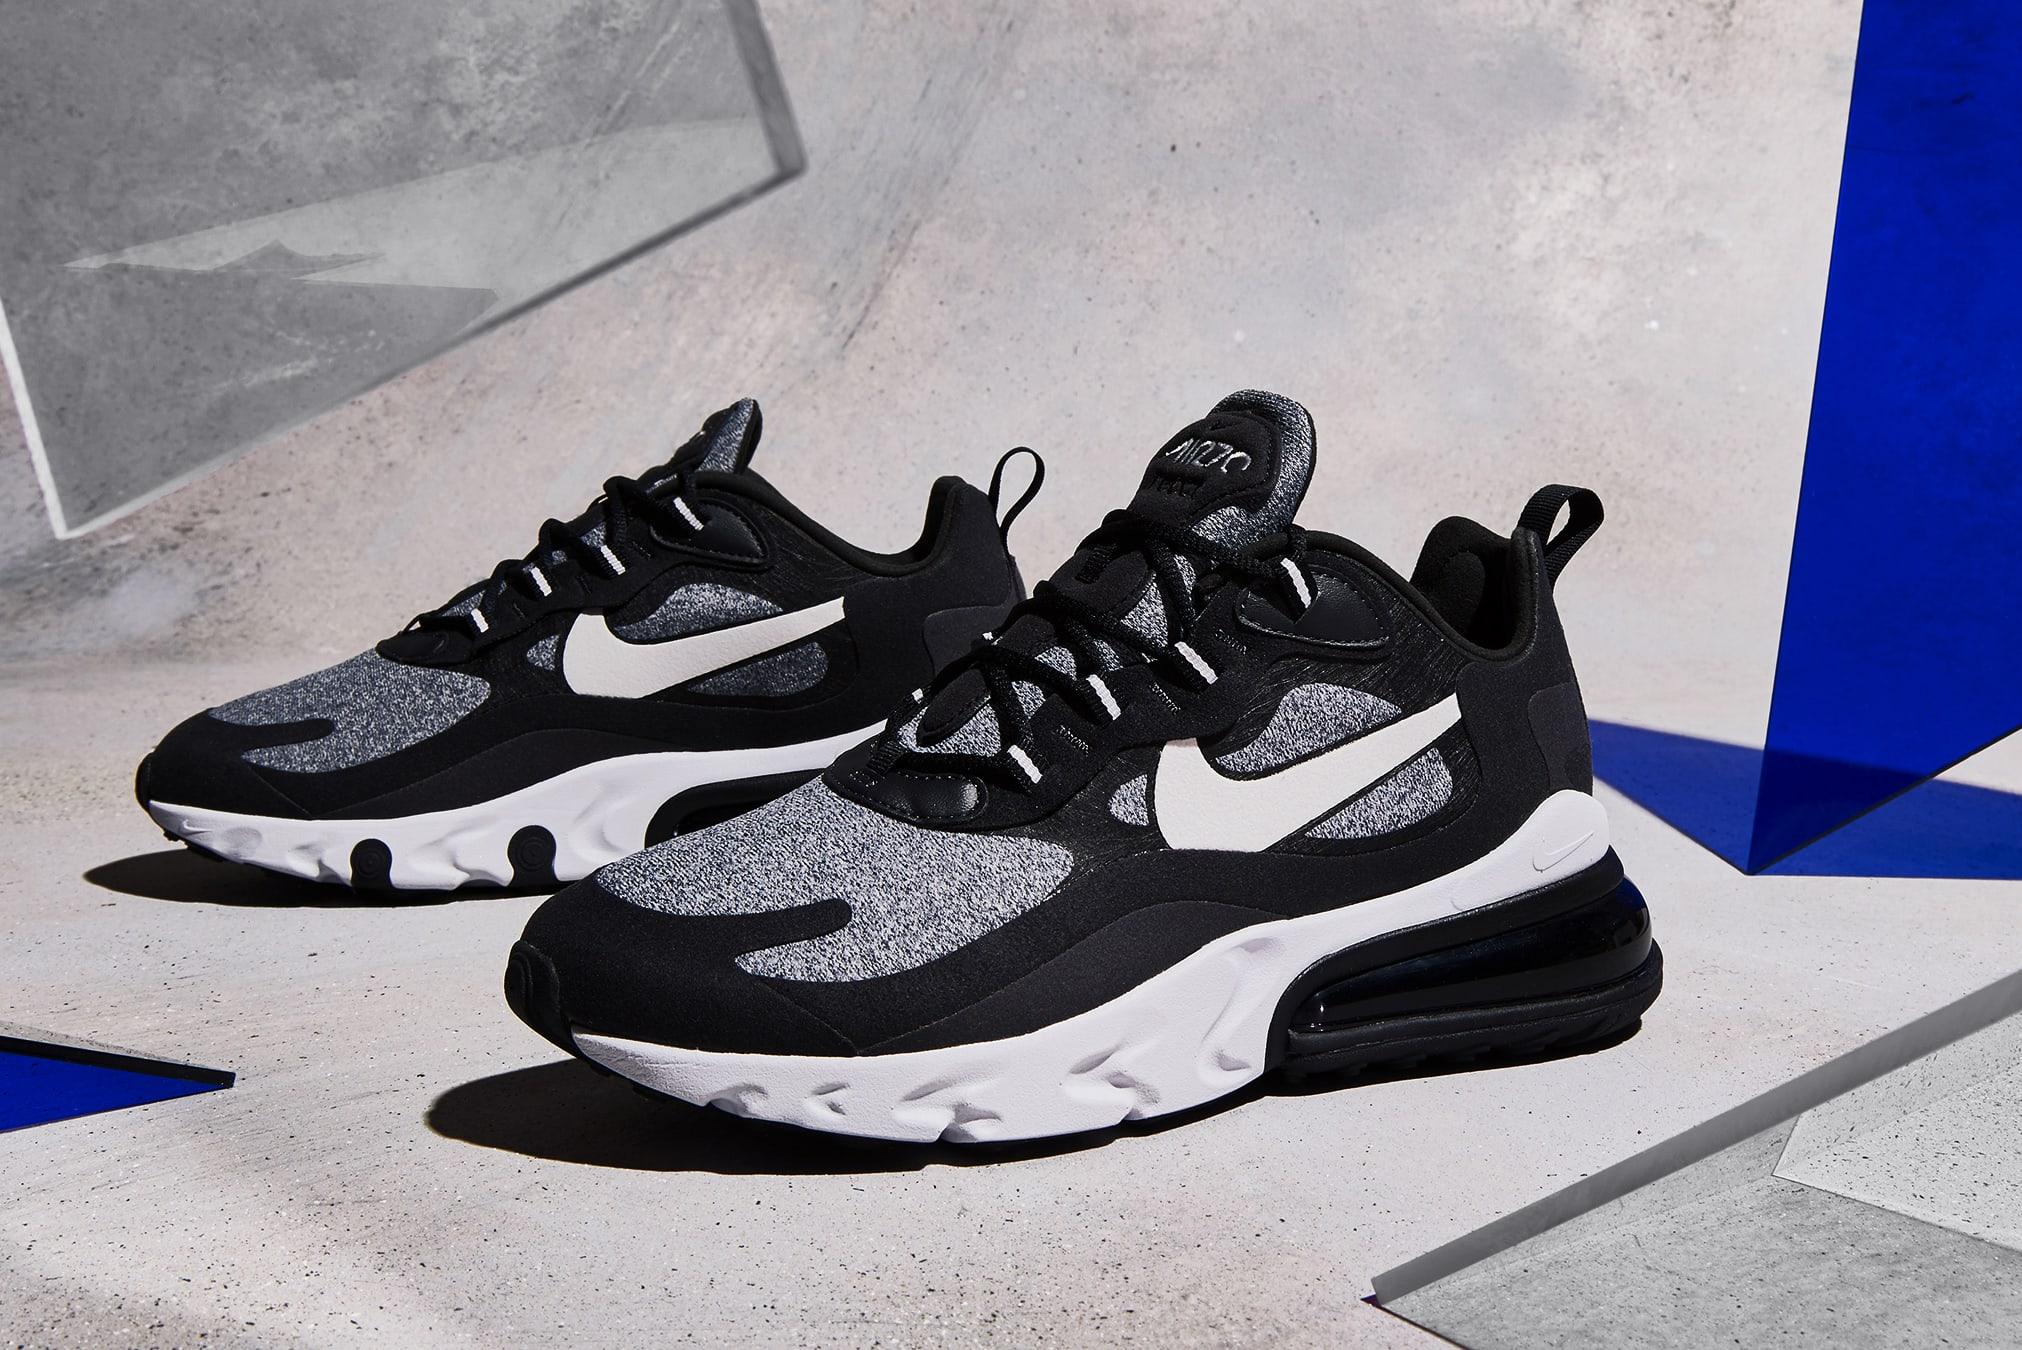 Nike Air Max 270 React - AO4971-001